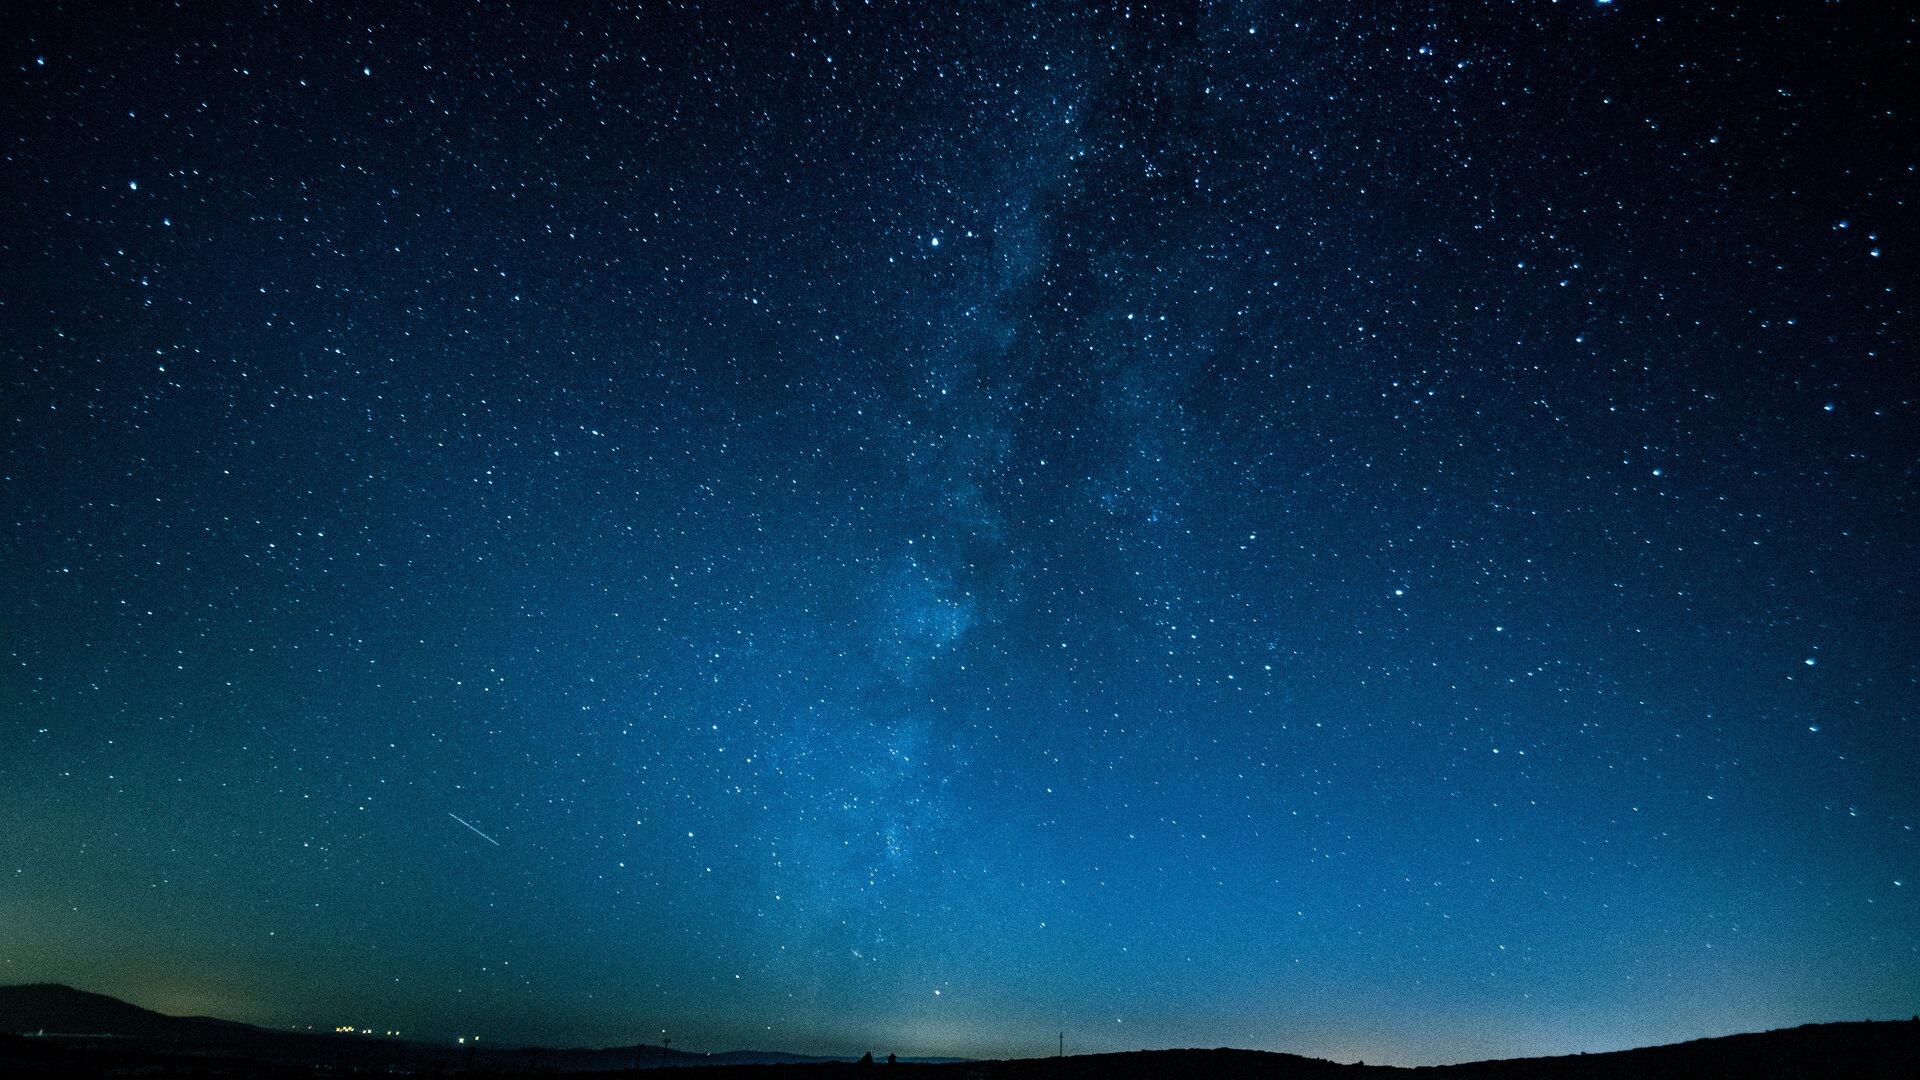 1920x1080 starry sky laptop